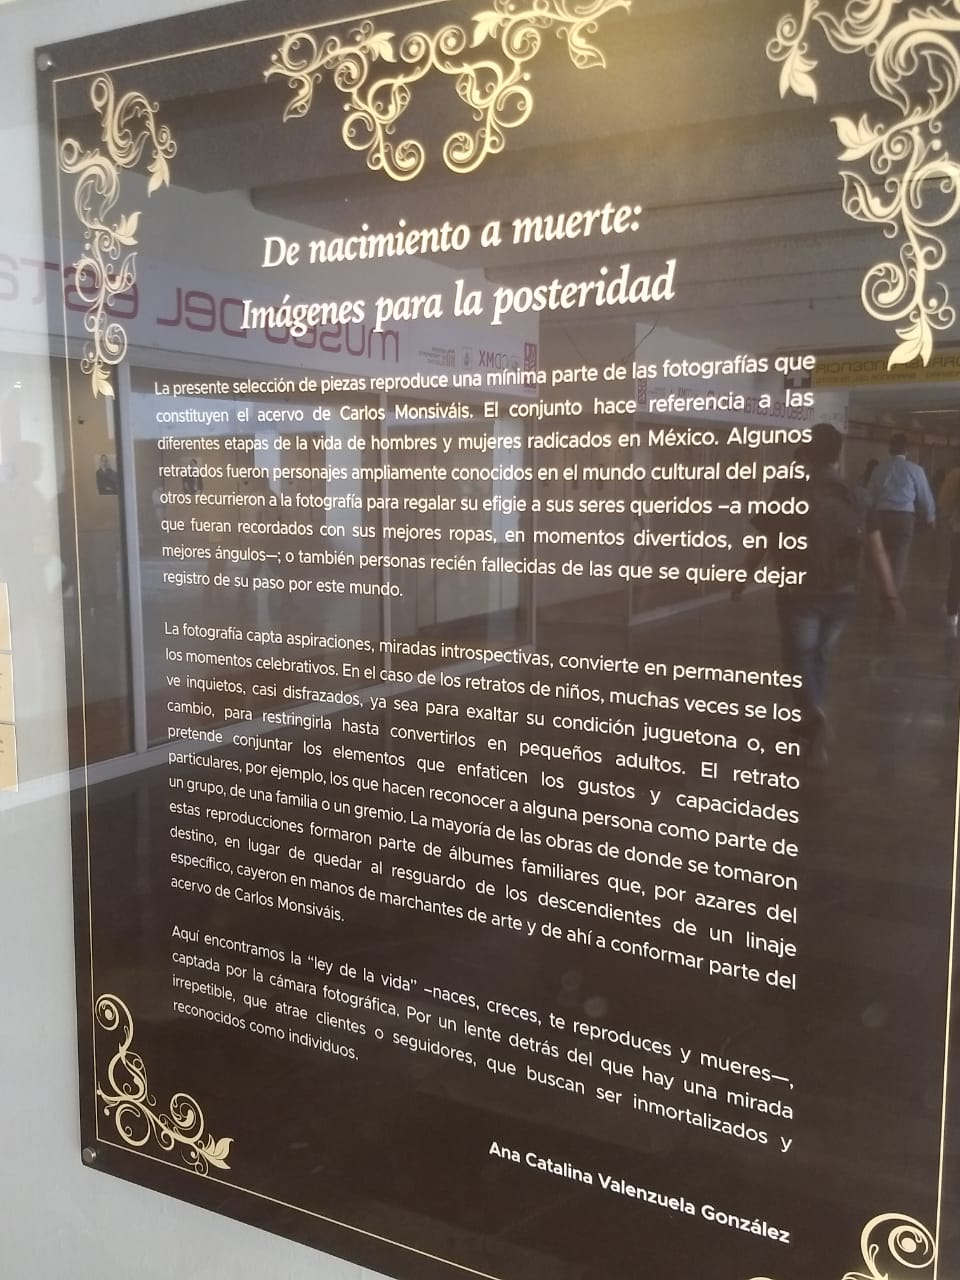 DE NACIMIENTO A MUERTE (7).jpeg